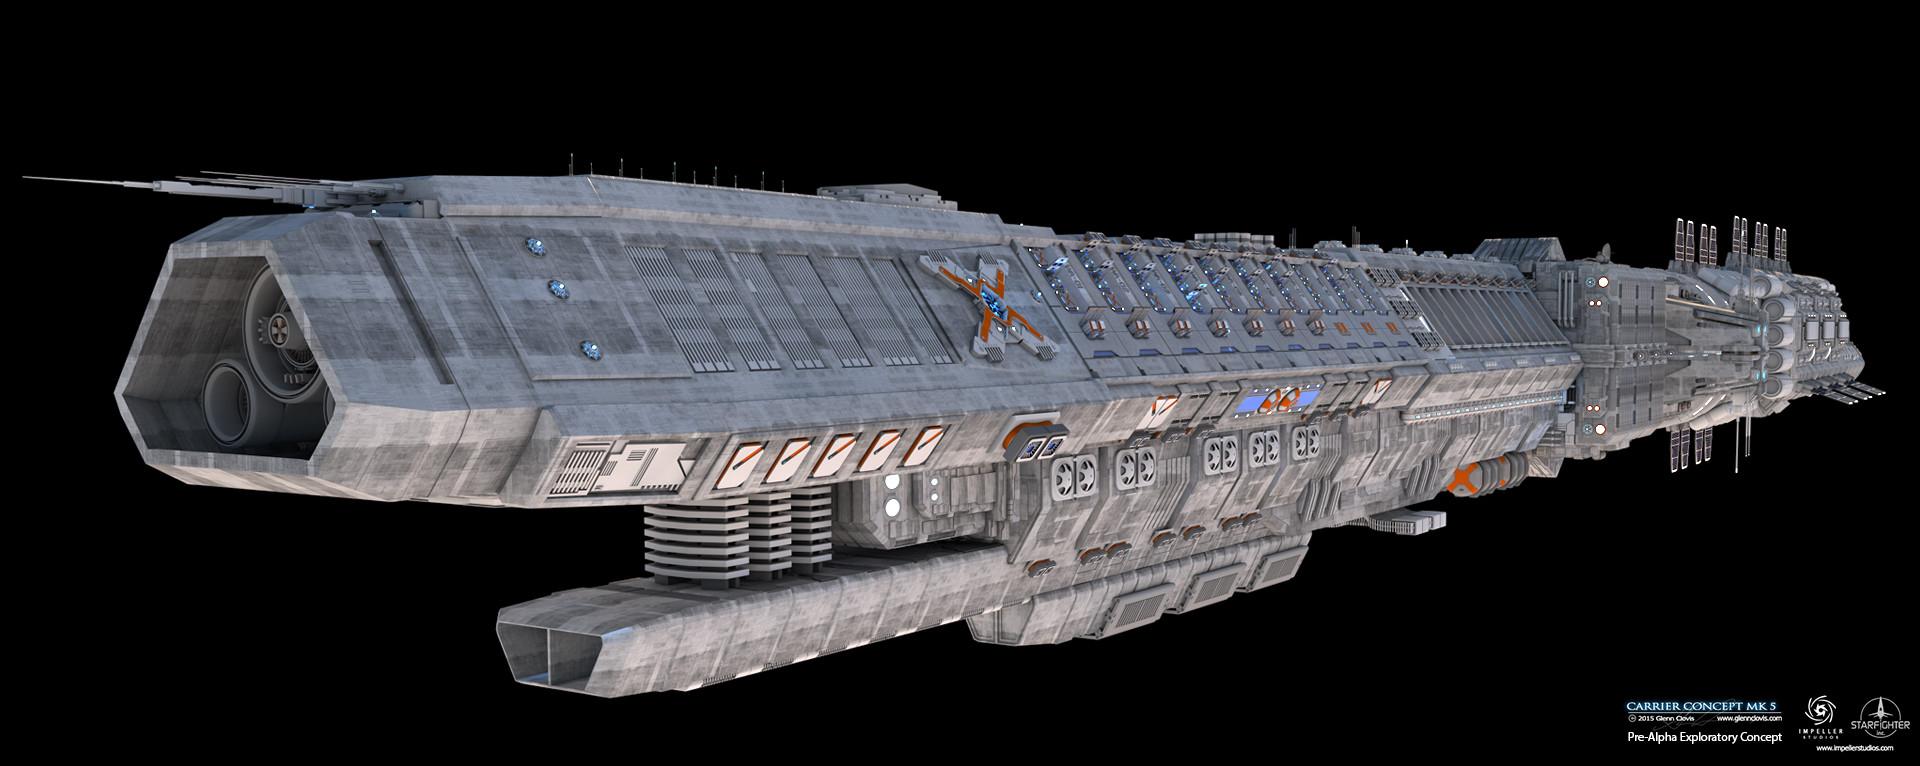 Glenn clovis carrier concept mk5 hdr by glennclovis d8xnpvj